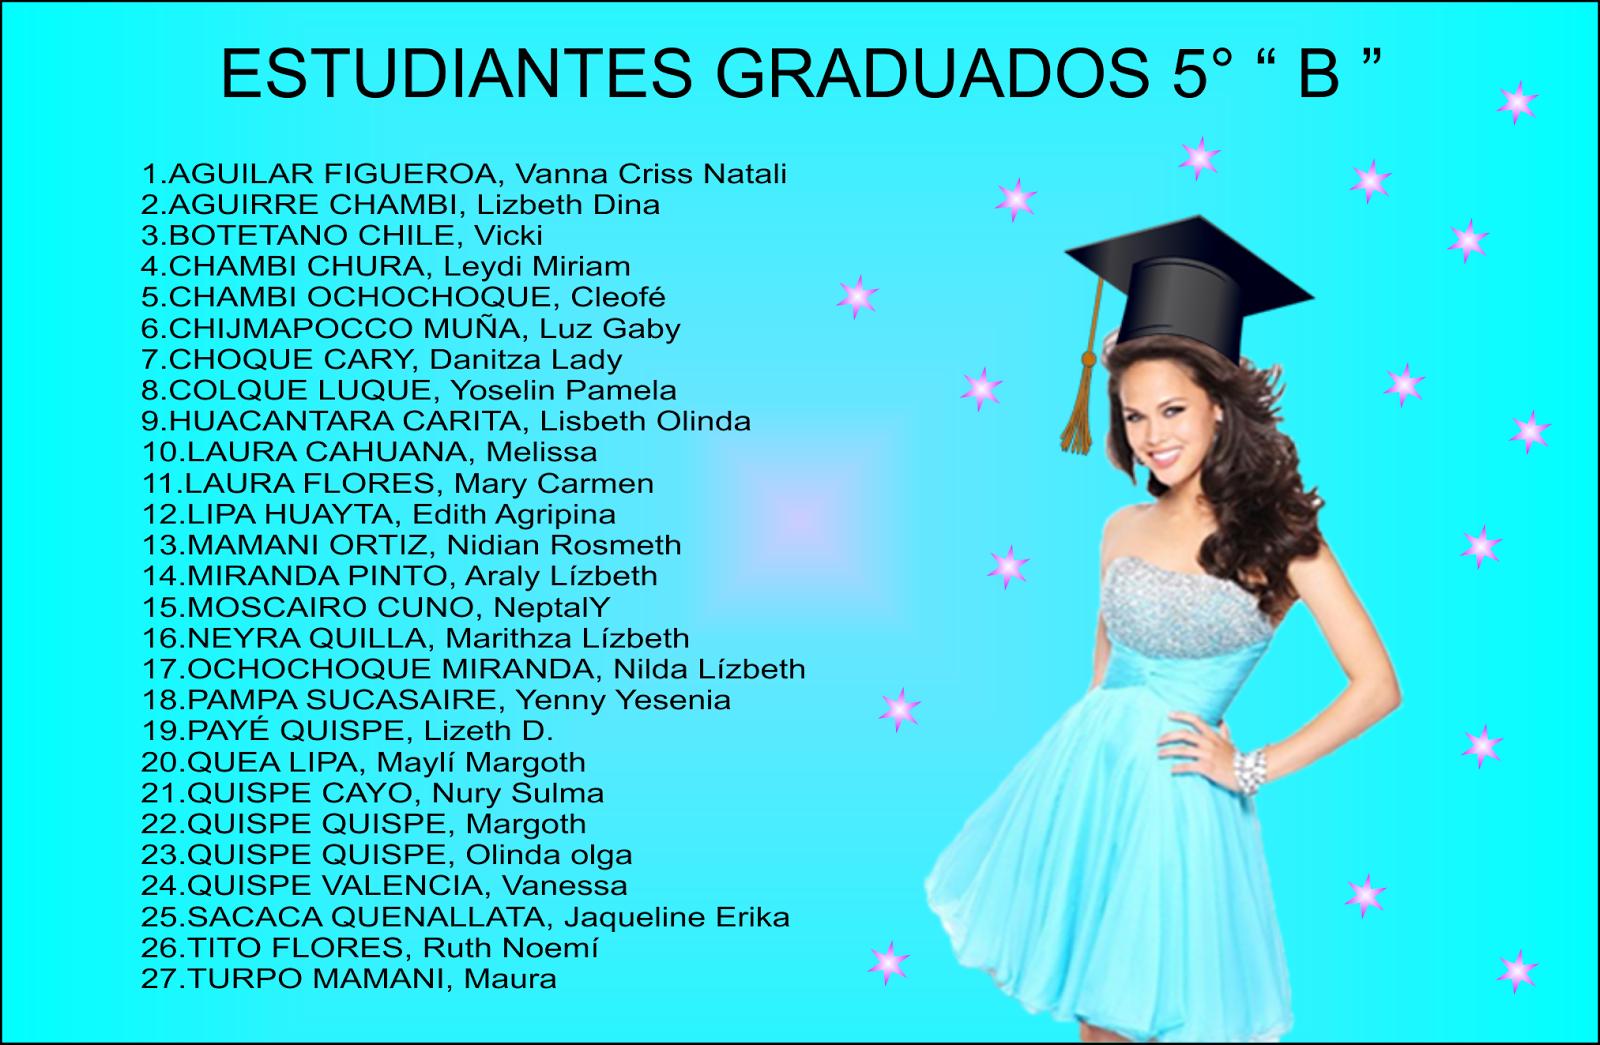 agroÍnas cuarto b 2016 tarjeta de graduación relación de